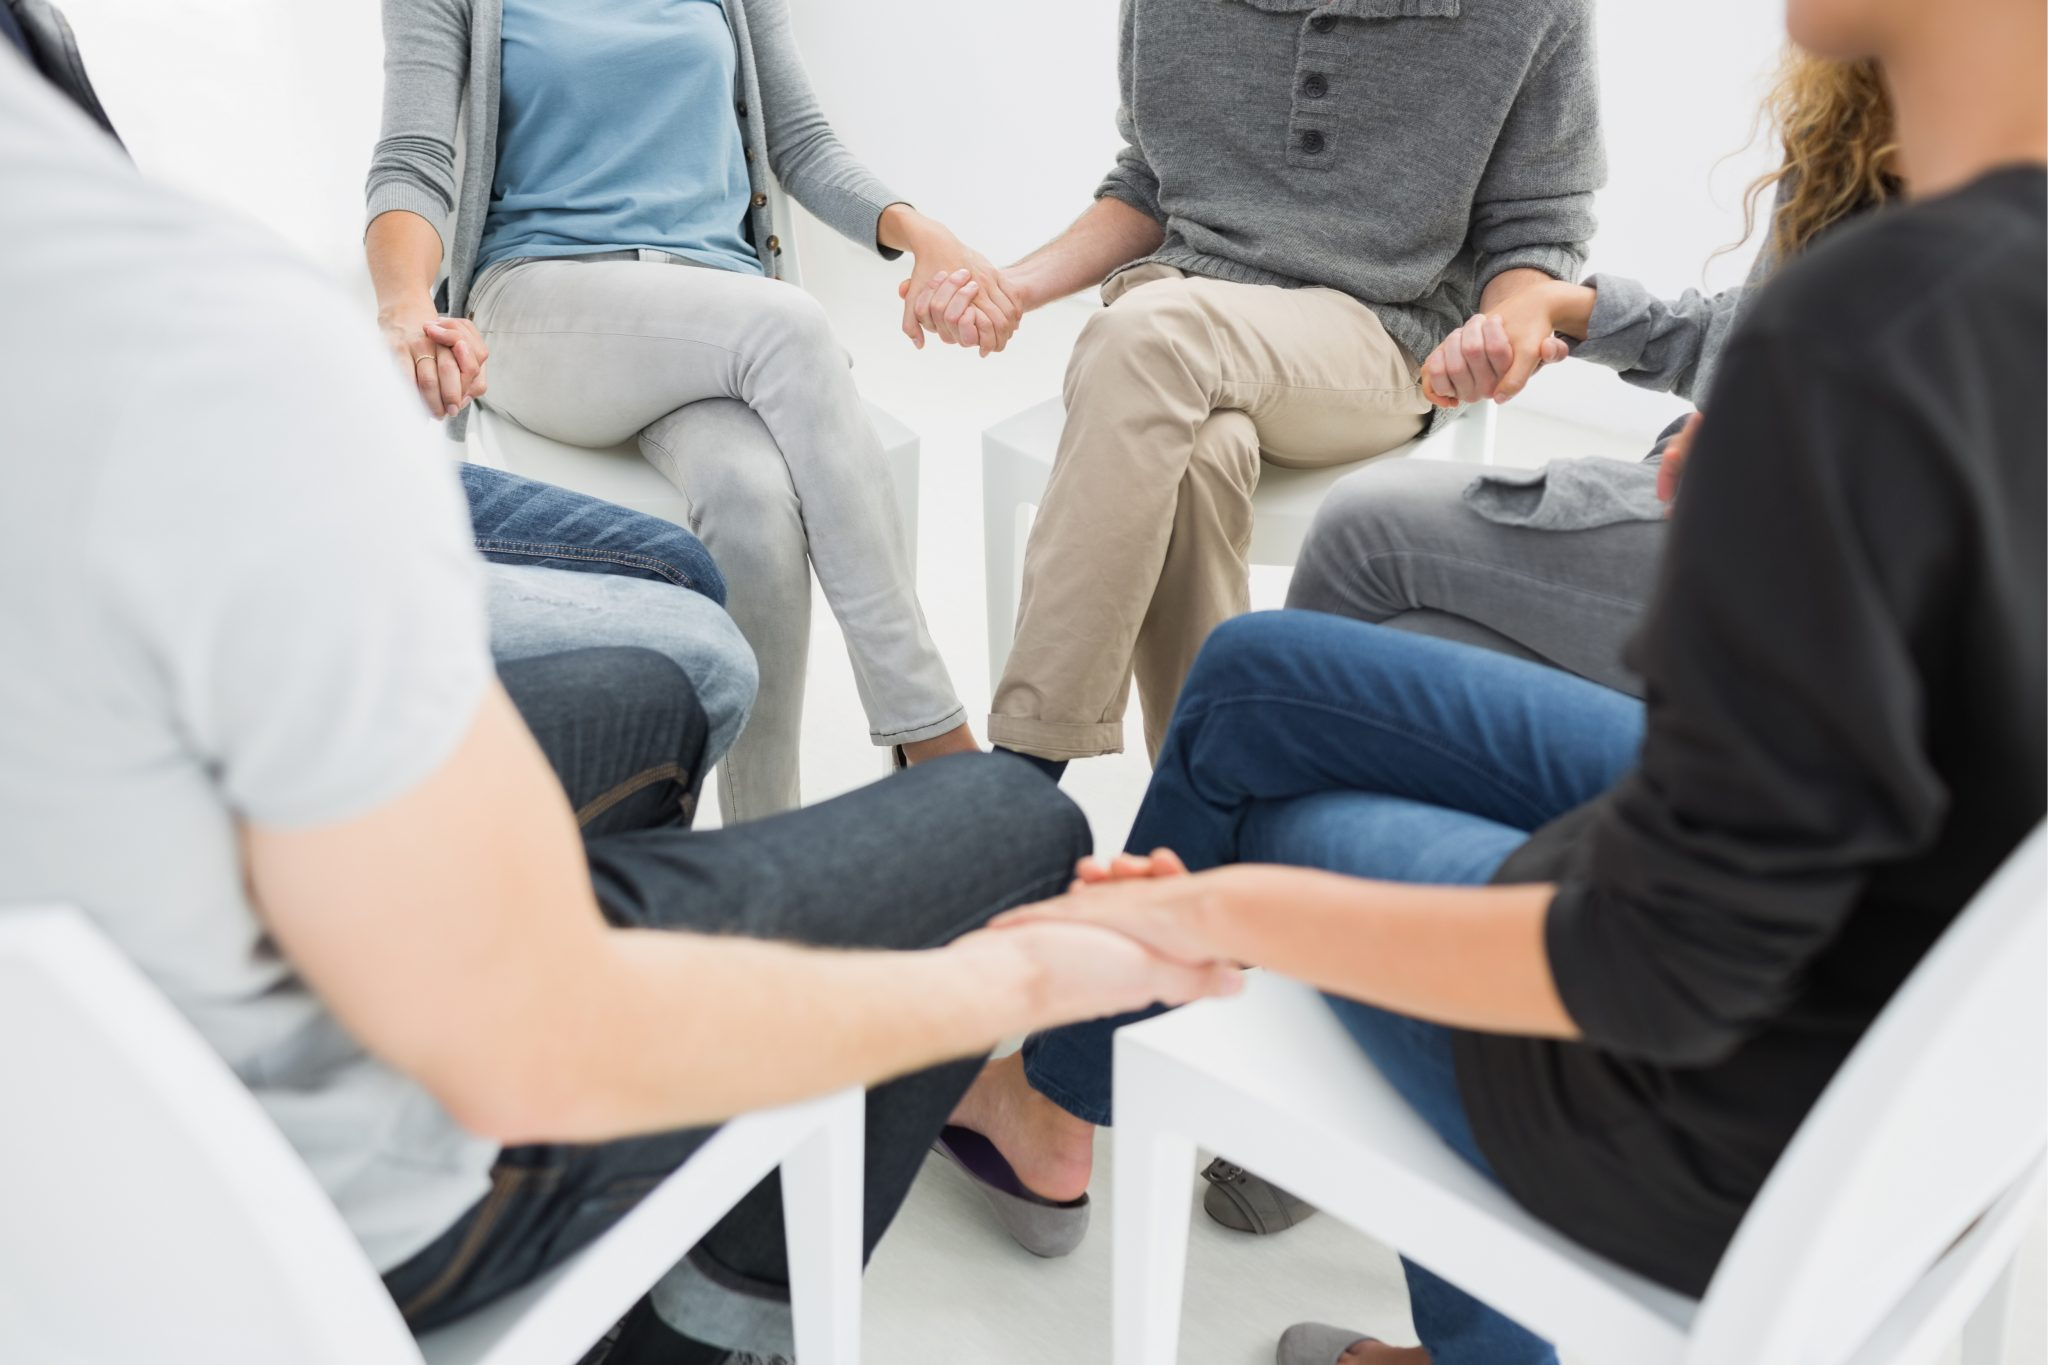 verbinding in een groep